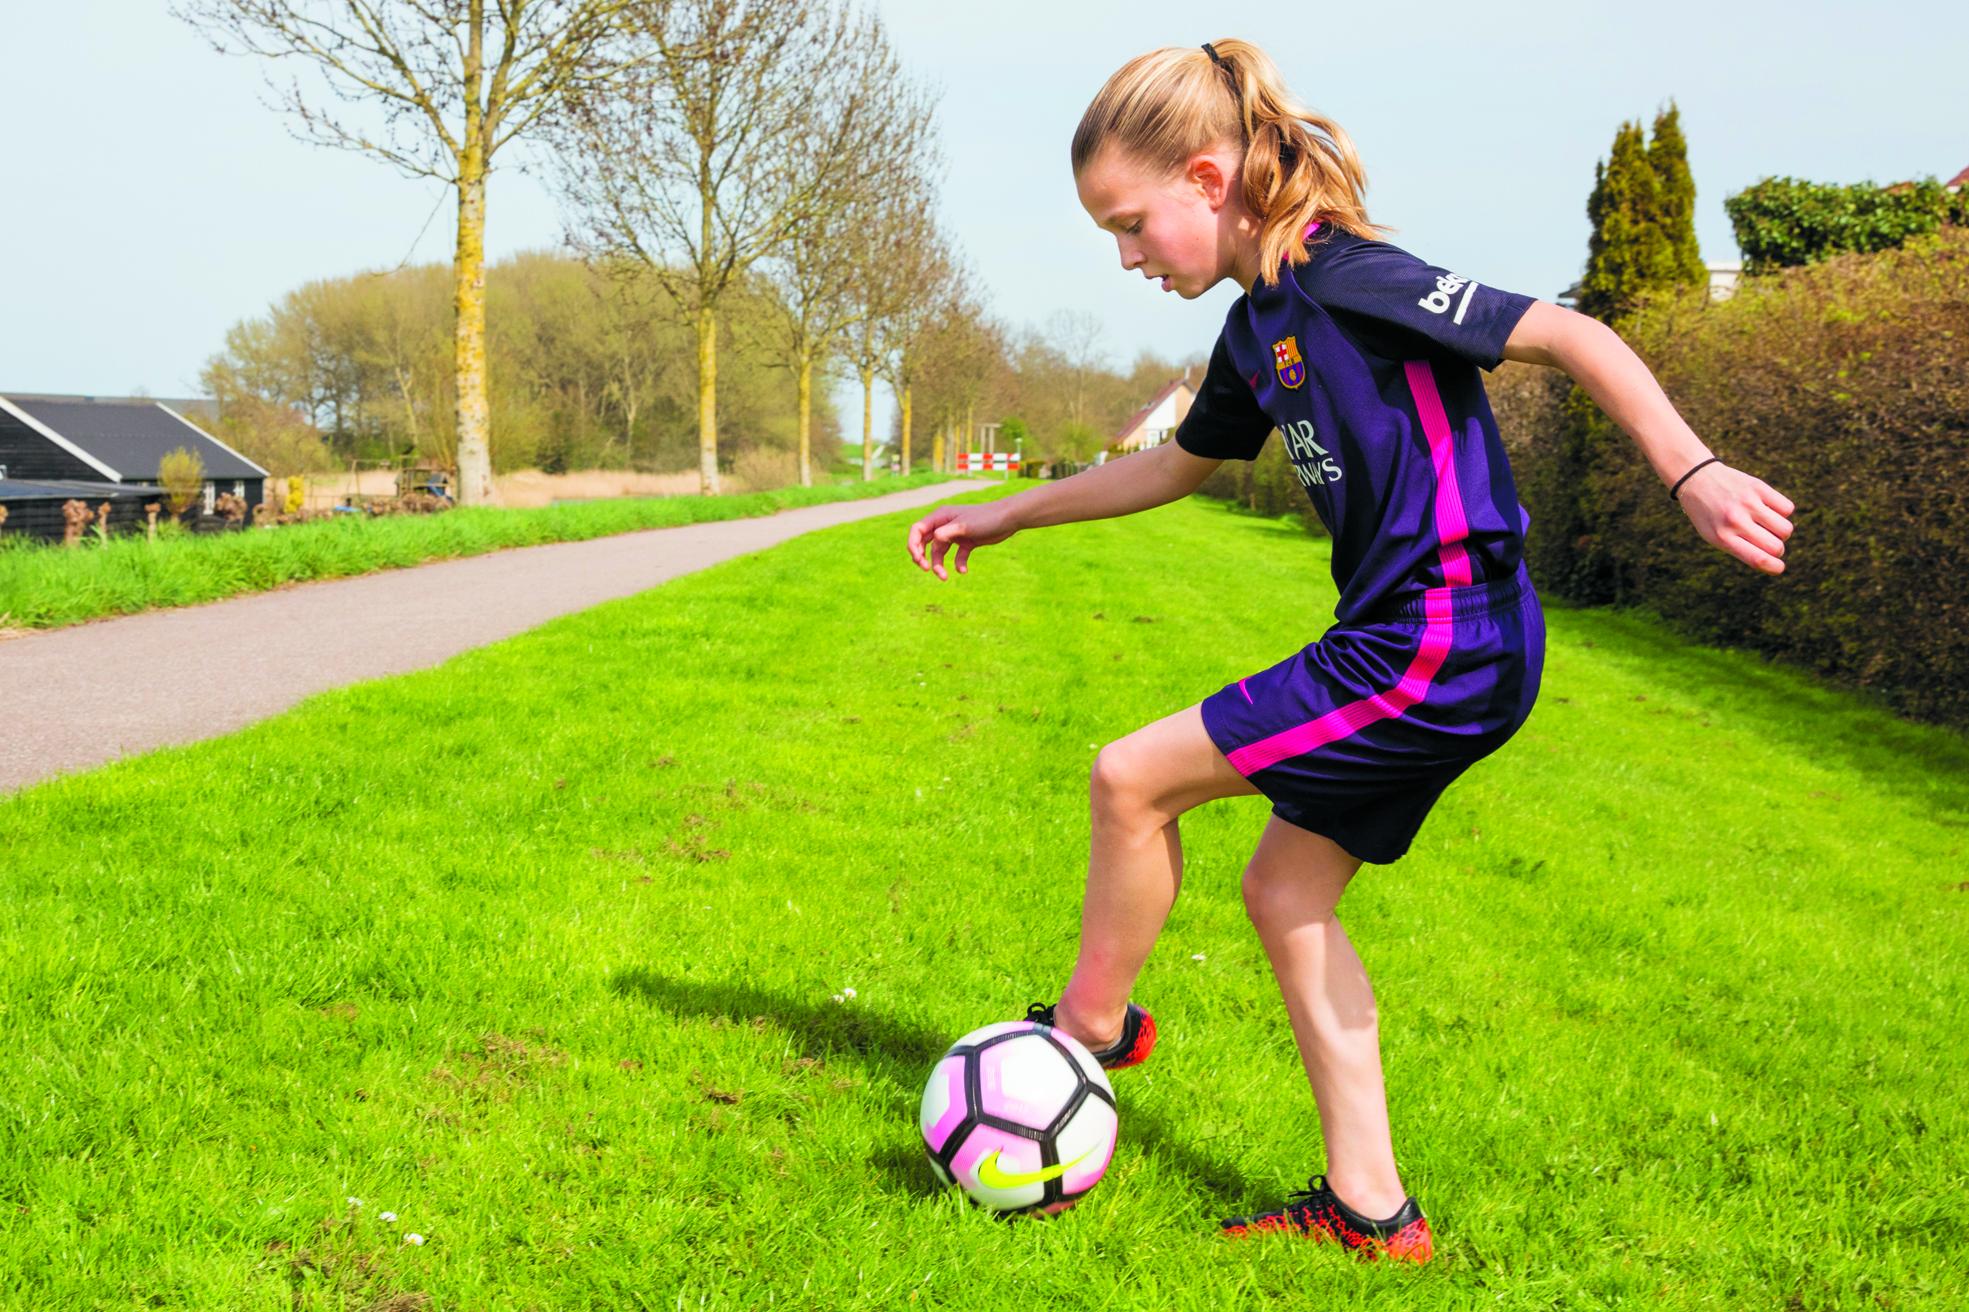 """Het eerste seizoen bij de Noord-Hollandse KNVB-selectie MO12 zit er voor Tess Keirsgieter bijna op. """"Ik heb er nu al heel veel geleerd!"""" (Foto: Vincent de Vries/RM)"""